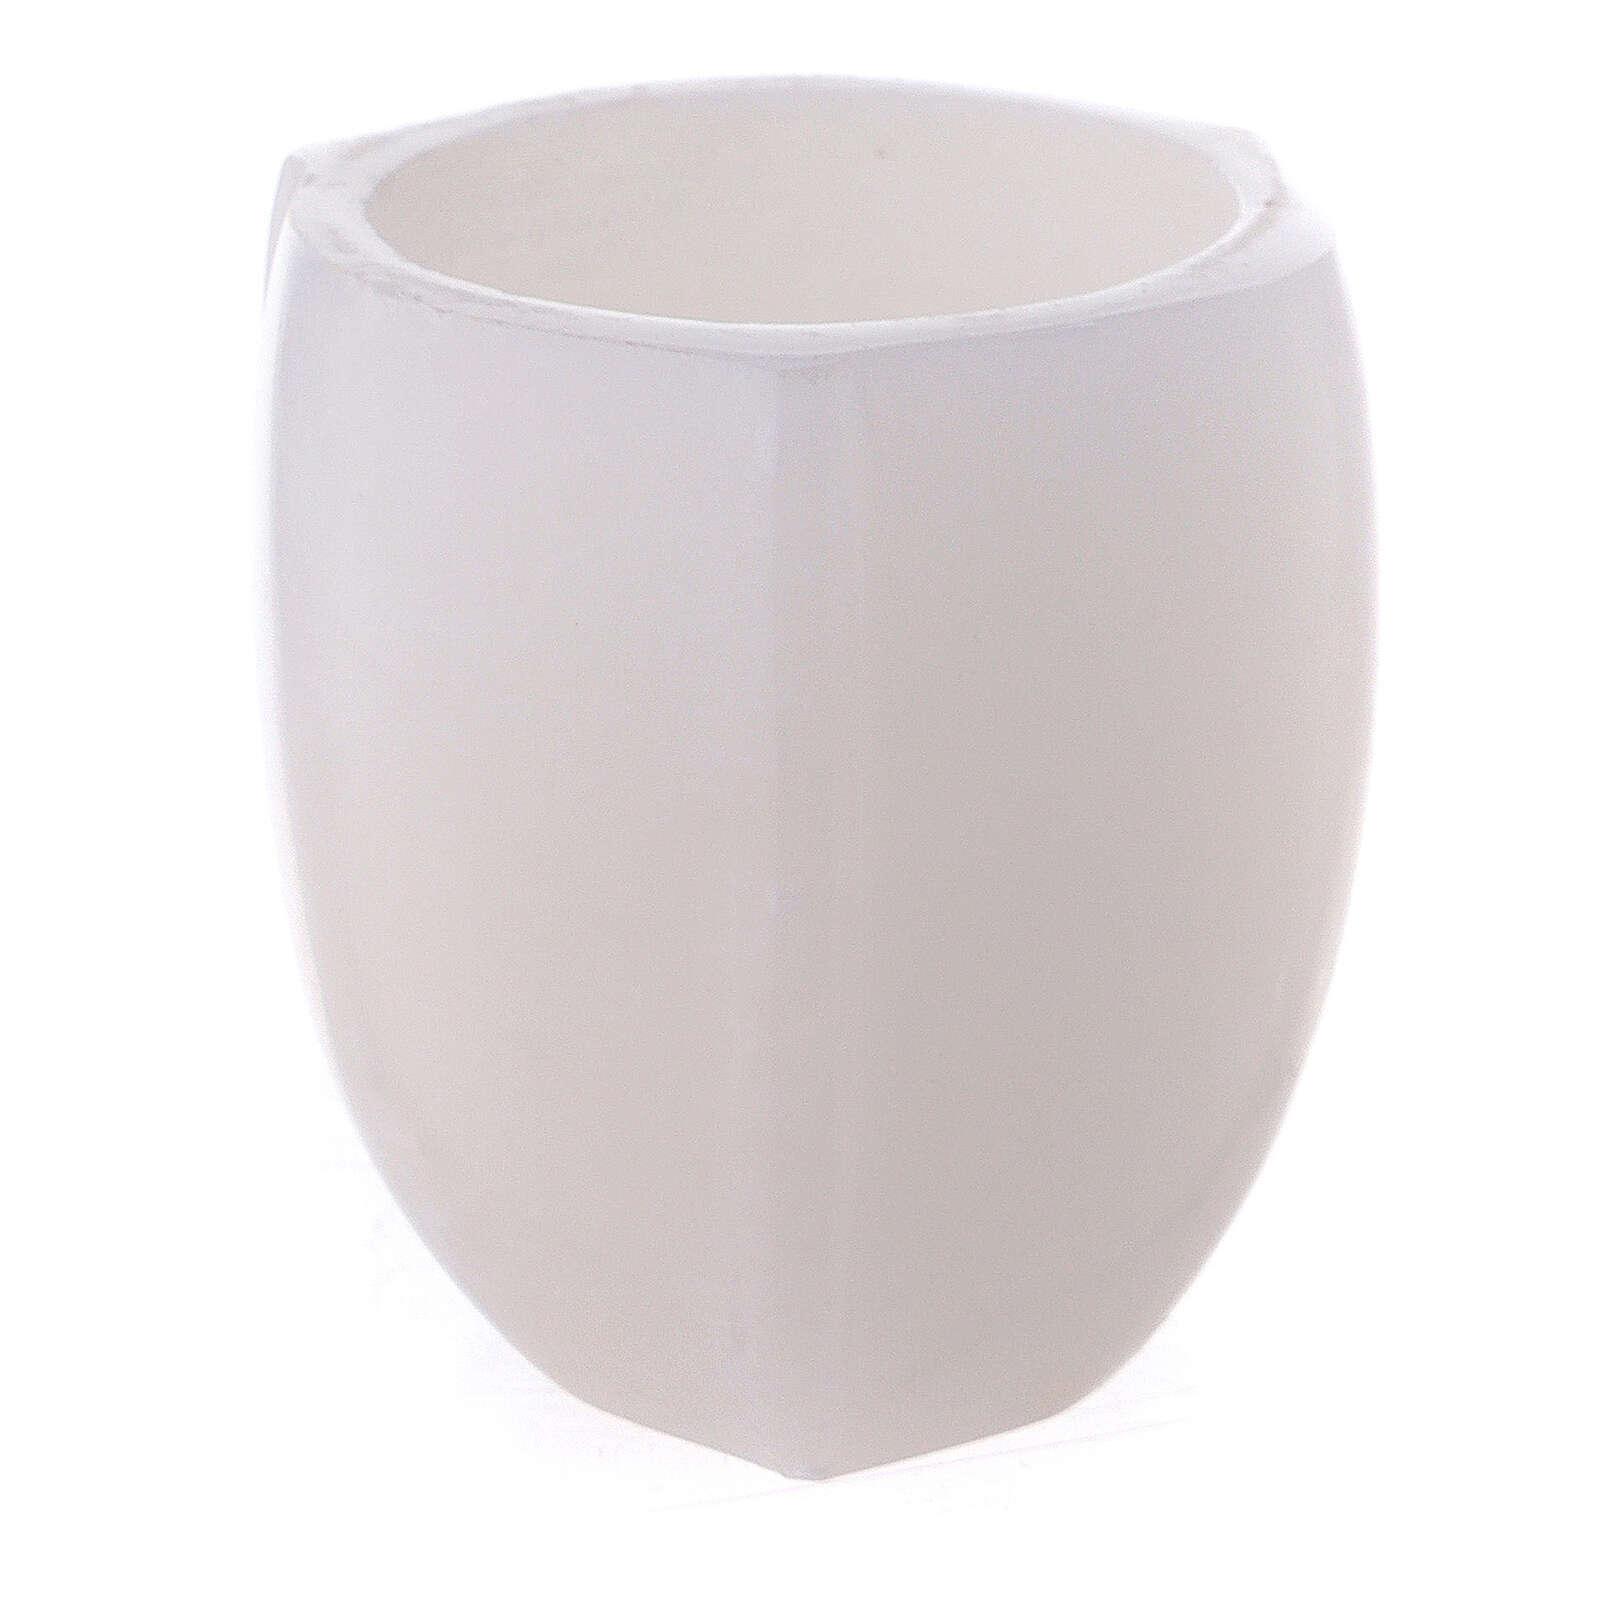 Ciotola per incenso steatite rastremata 6 cm bianca 3